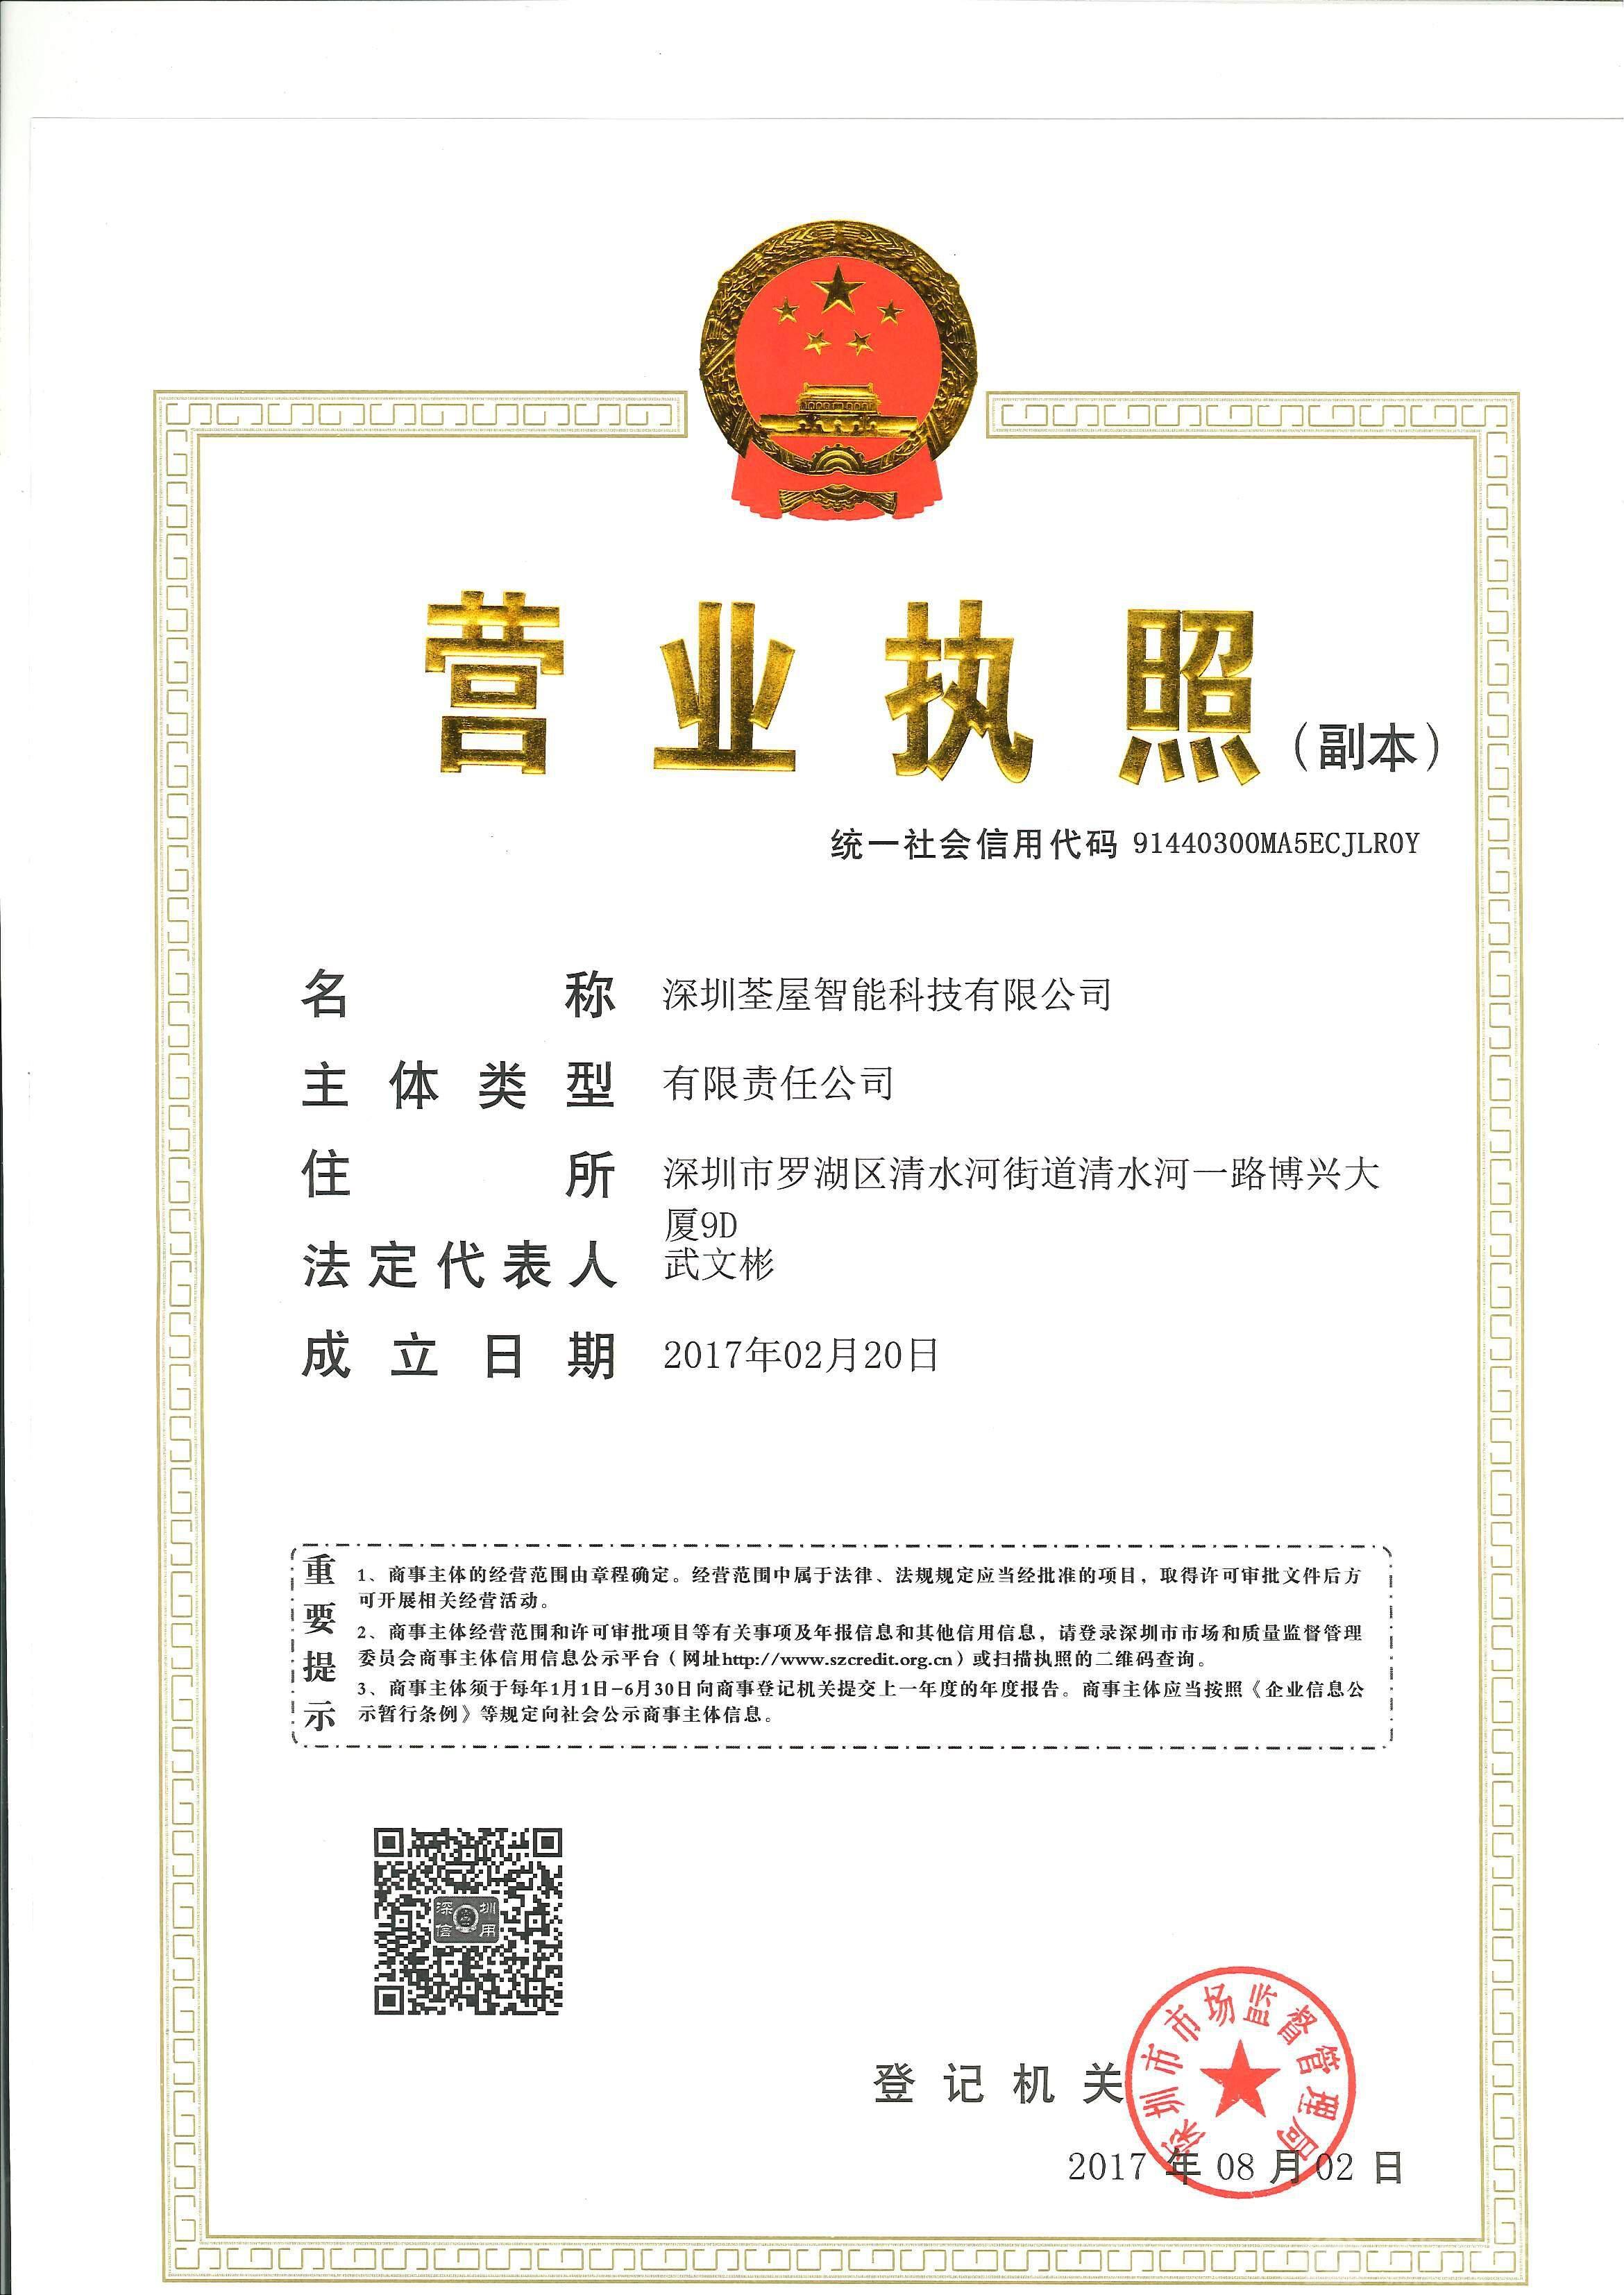 深圳市荃屋智能科技有限公司